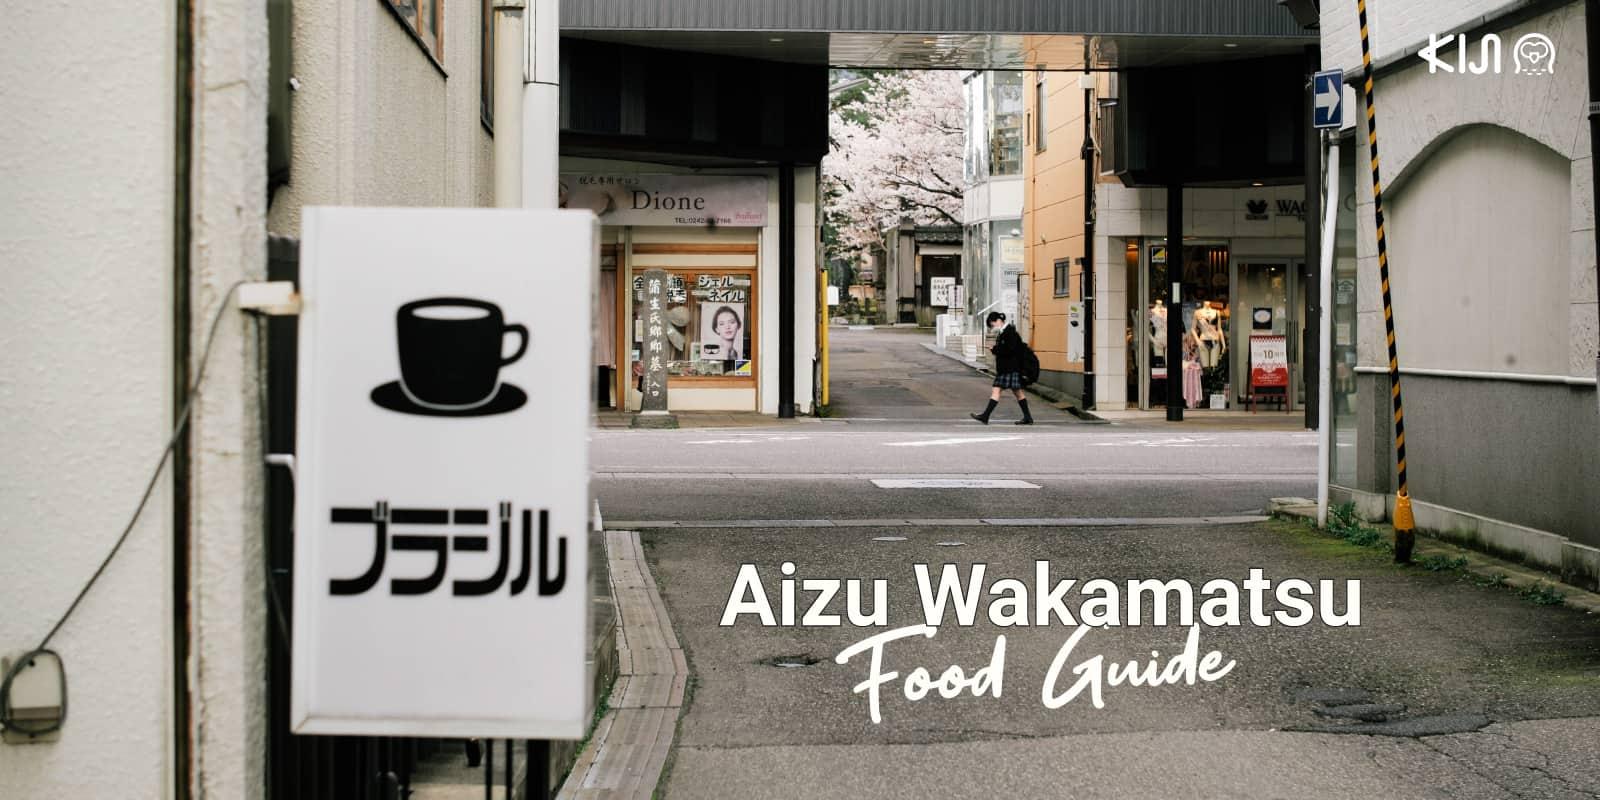 ร้านอาหาร ในไอสึวากามัตสึ (Aizu Wakamatsu) ฟุกุชิมะ